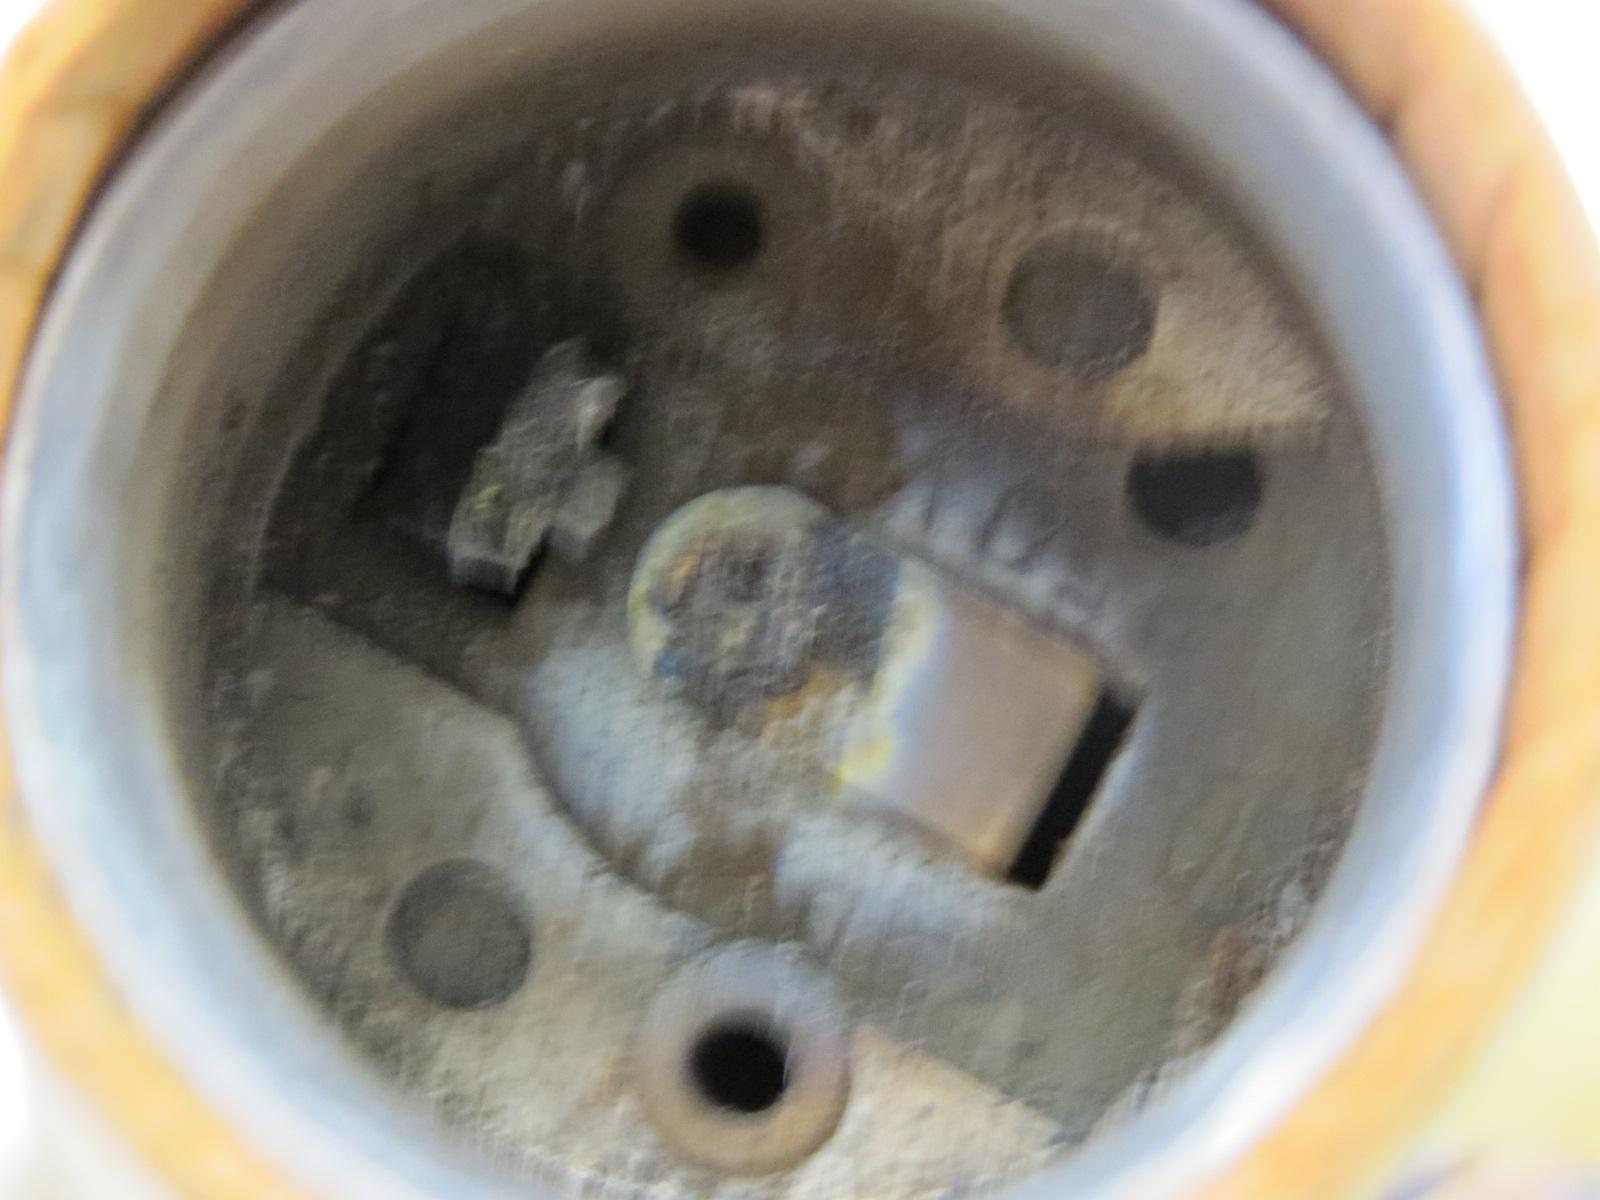 Lamp Parts and Repair | Lamp Doctor: Ceramic Table Lamp Socket ...